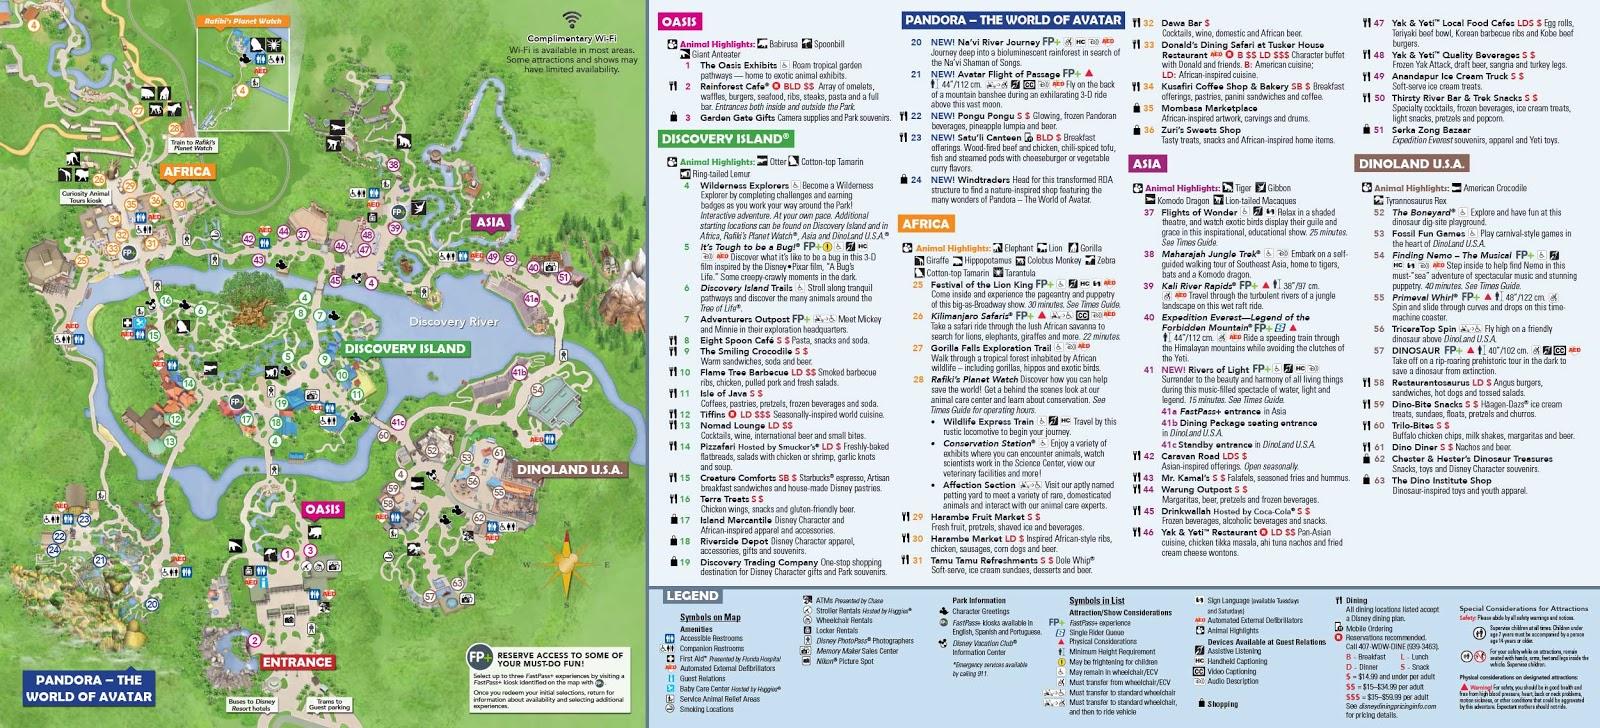 Mapa do Parque Disney Animal Kingdom em Orlando | Dicas da